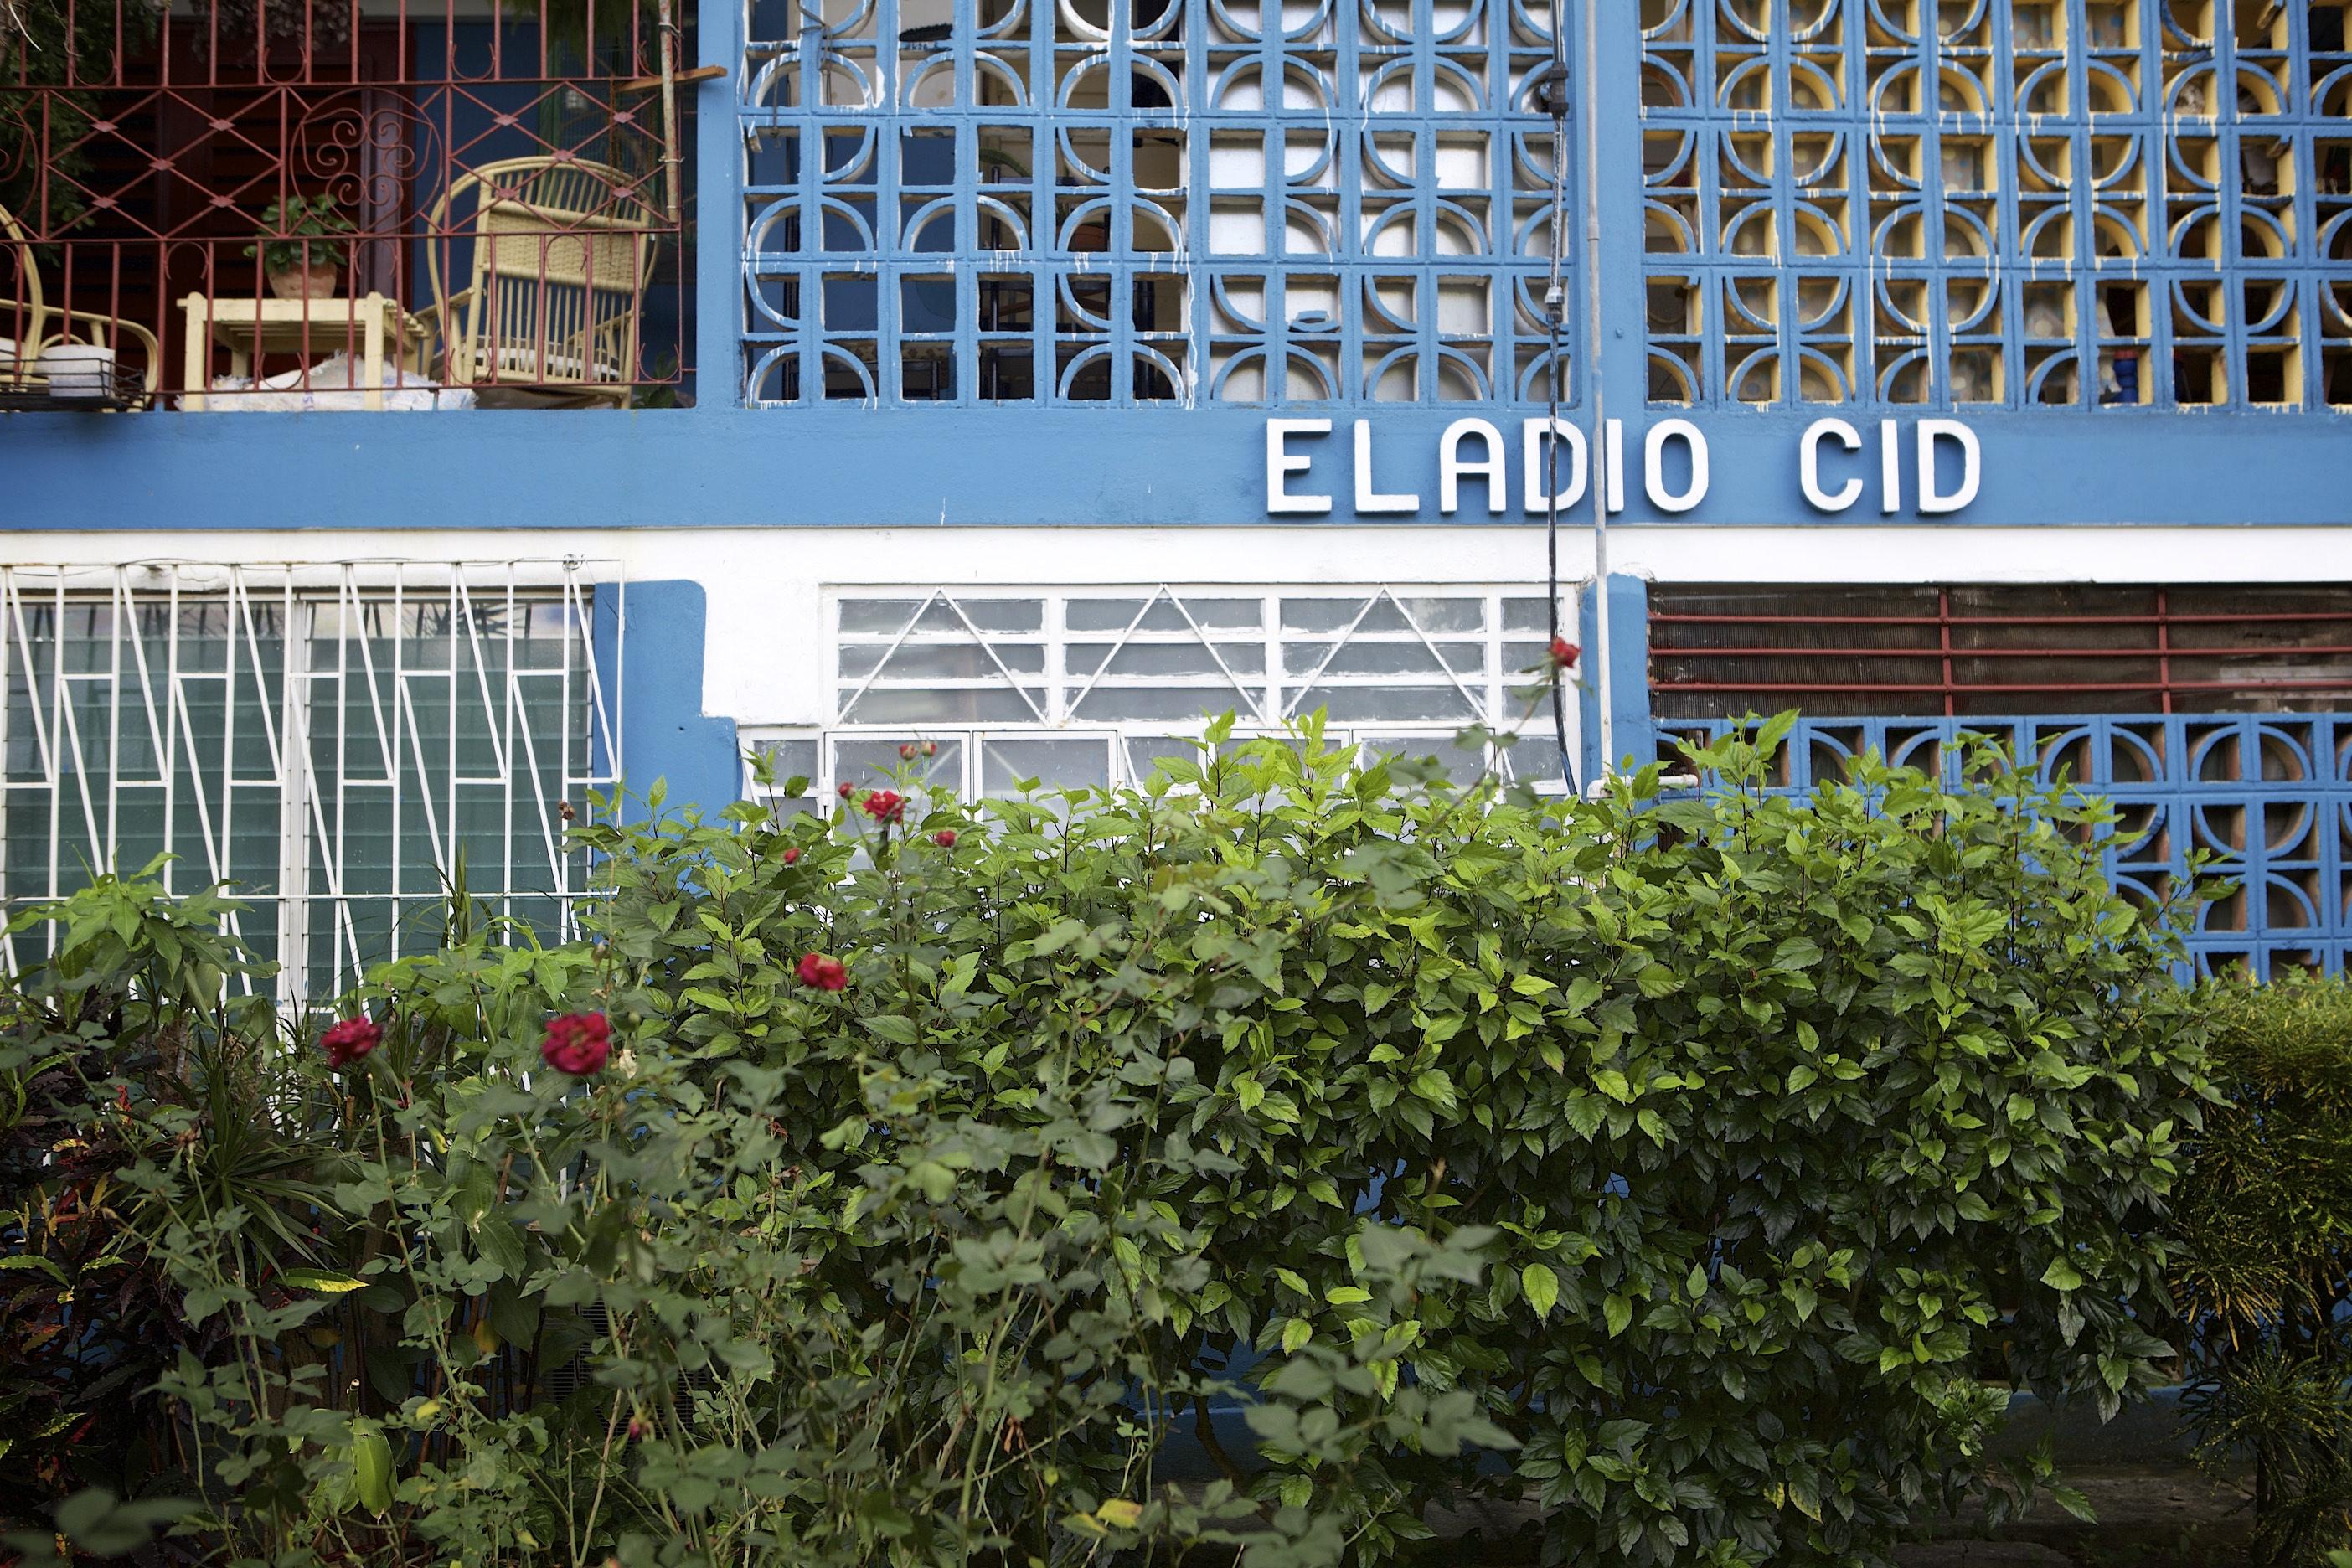 Hedge: Eladio Cid